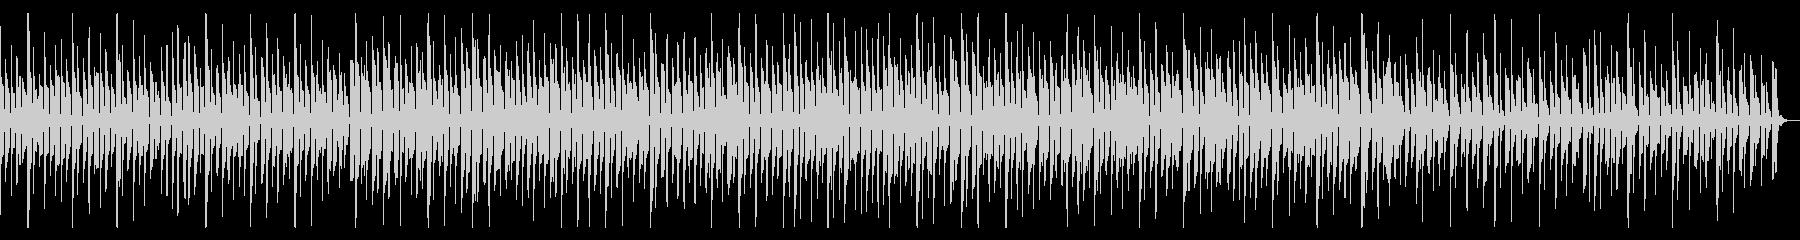 コミカルでのんびりとした楽曲ですの未再生の波形